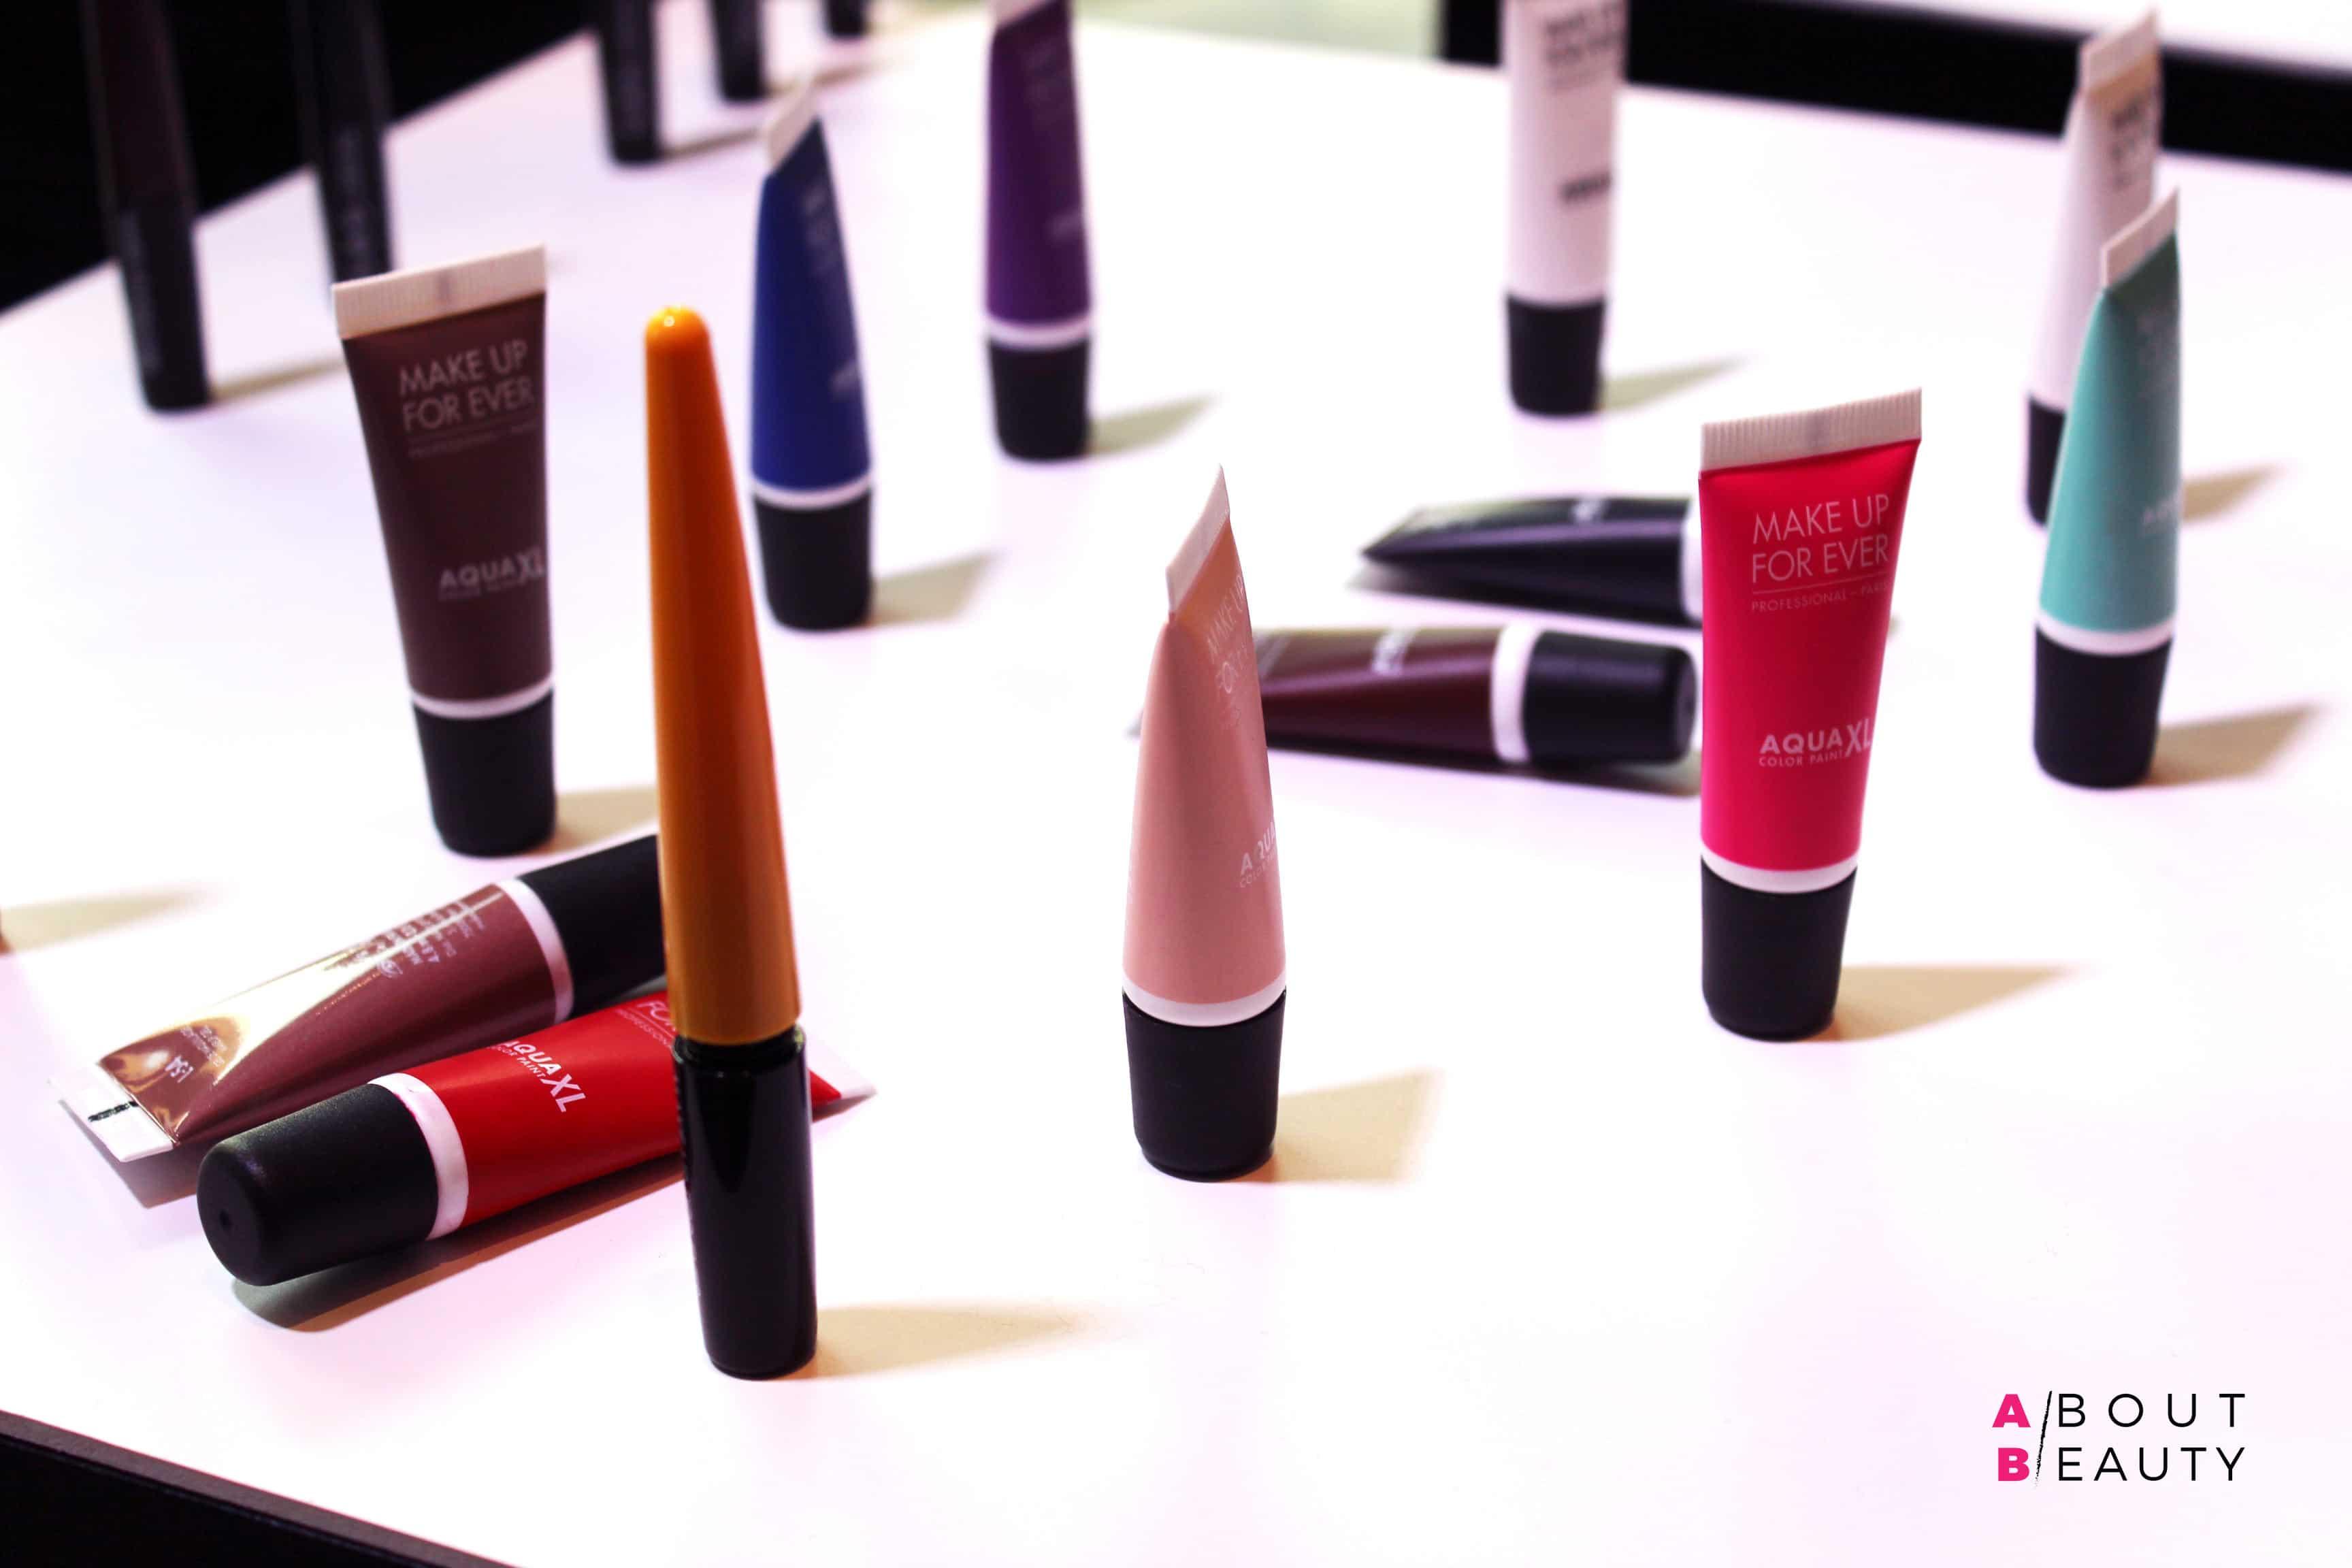 Aqua XL Color Paint di Make Up For Ever nelle sue diverse nuance